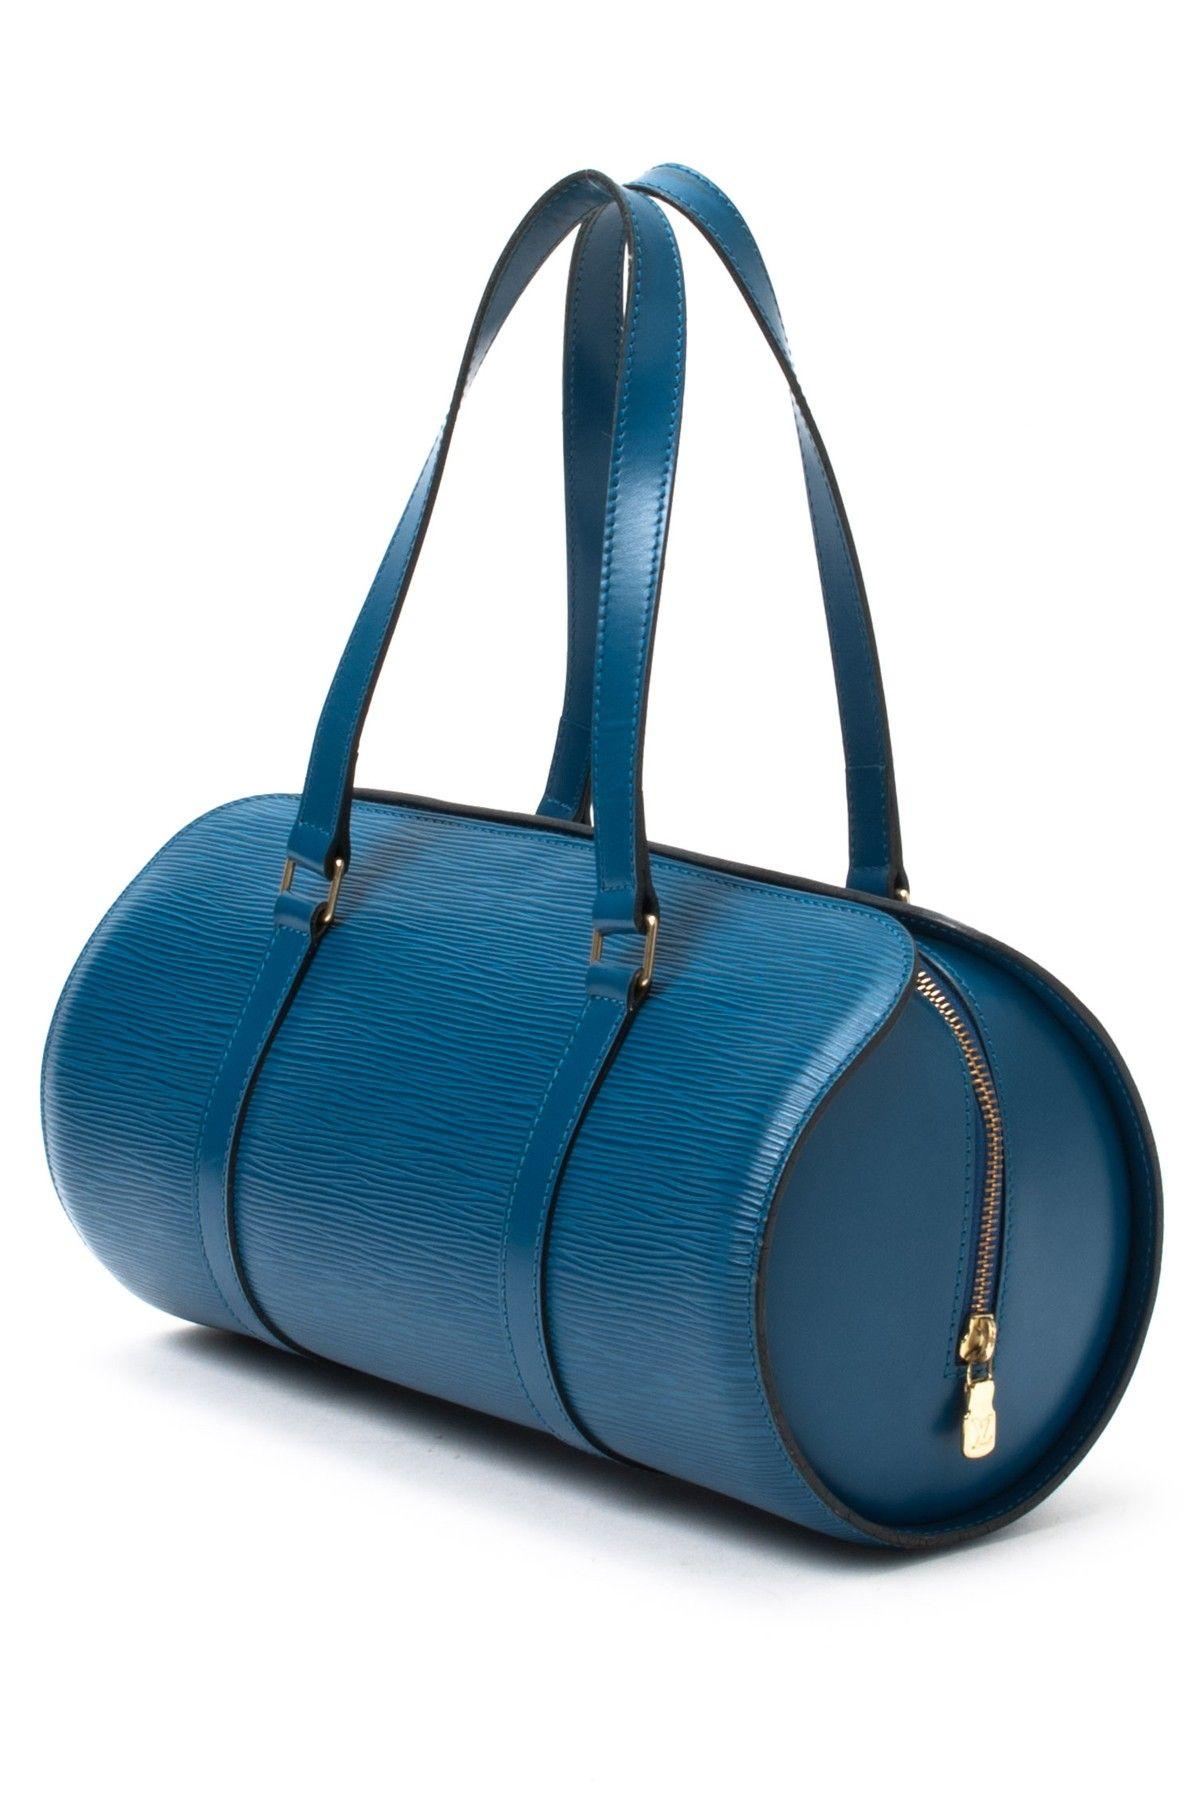 b3892b10299a Vintage Leather Soufflot Shoulder Bag | bags, backpacks...torbe ...